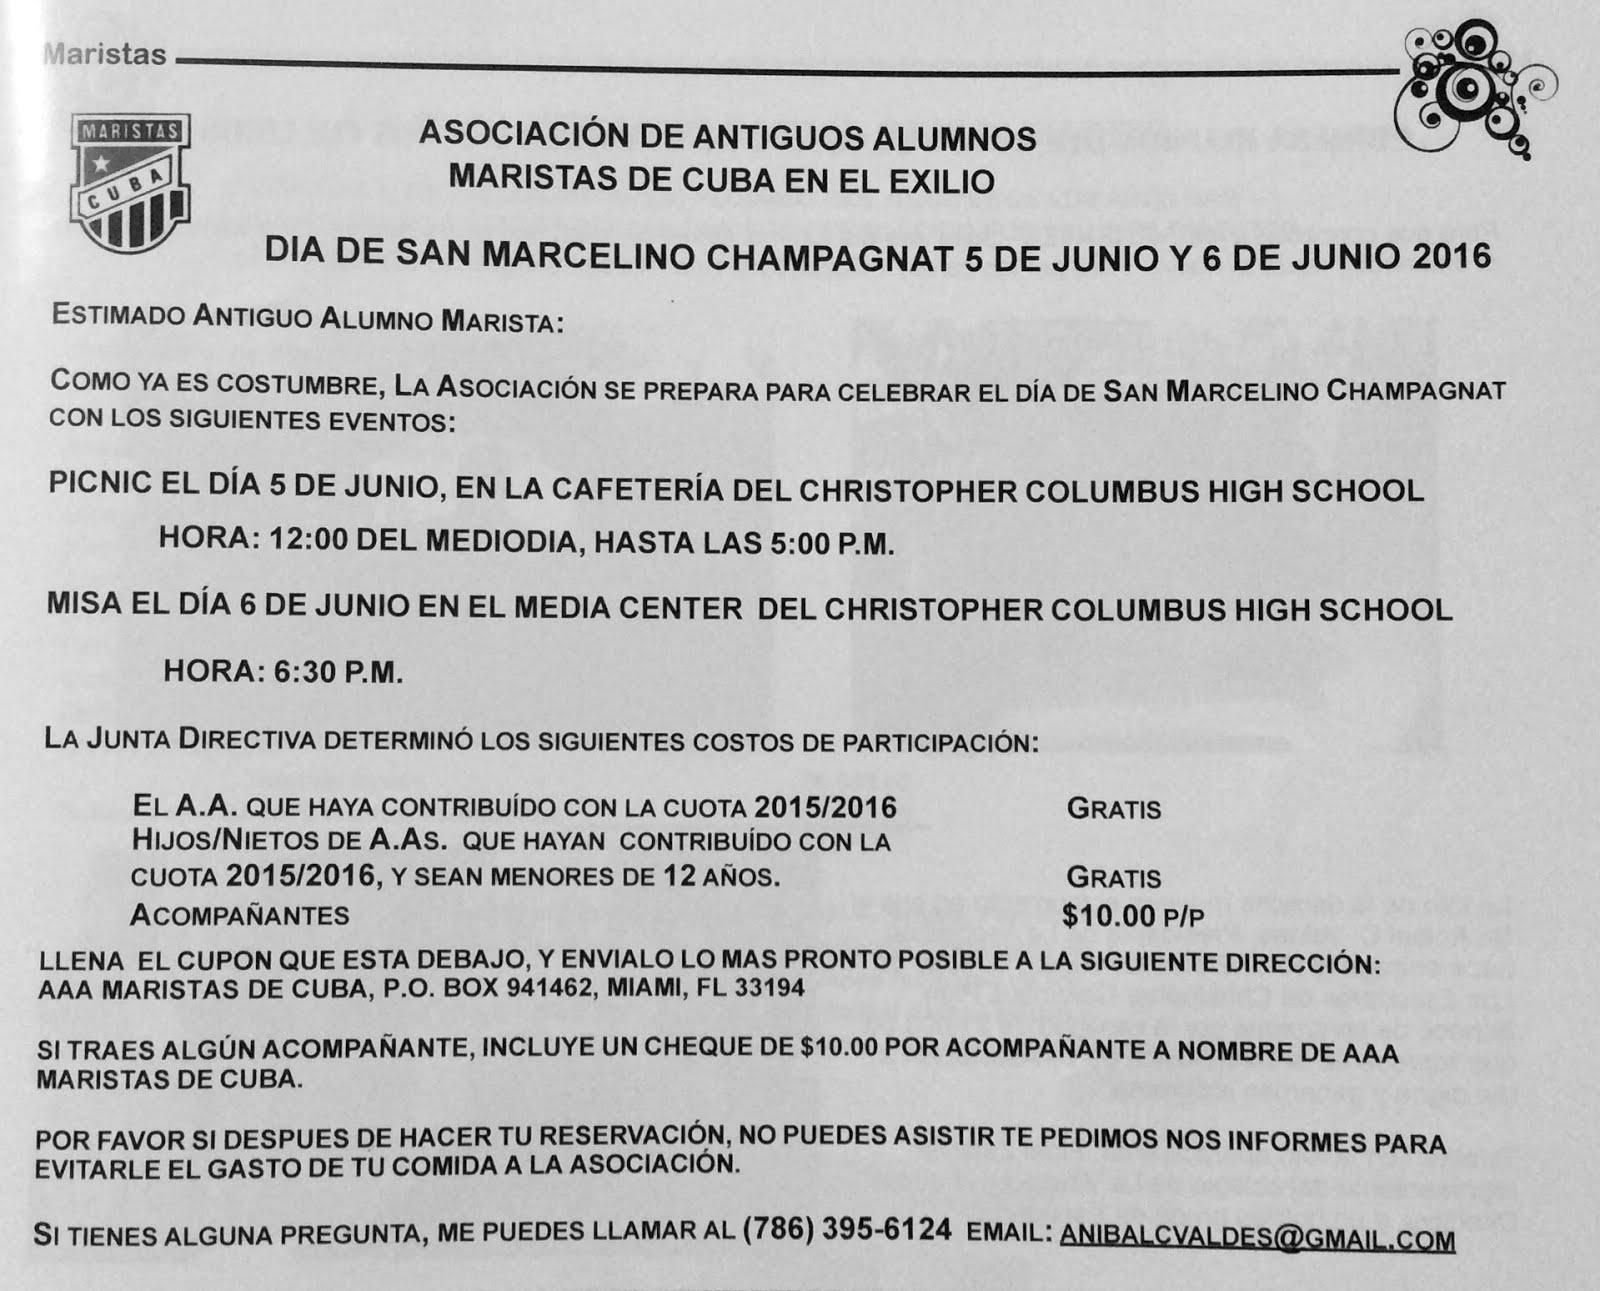 Actividades por el DÍA DE SAN MARCELINO CHAMPAGNAT 2016